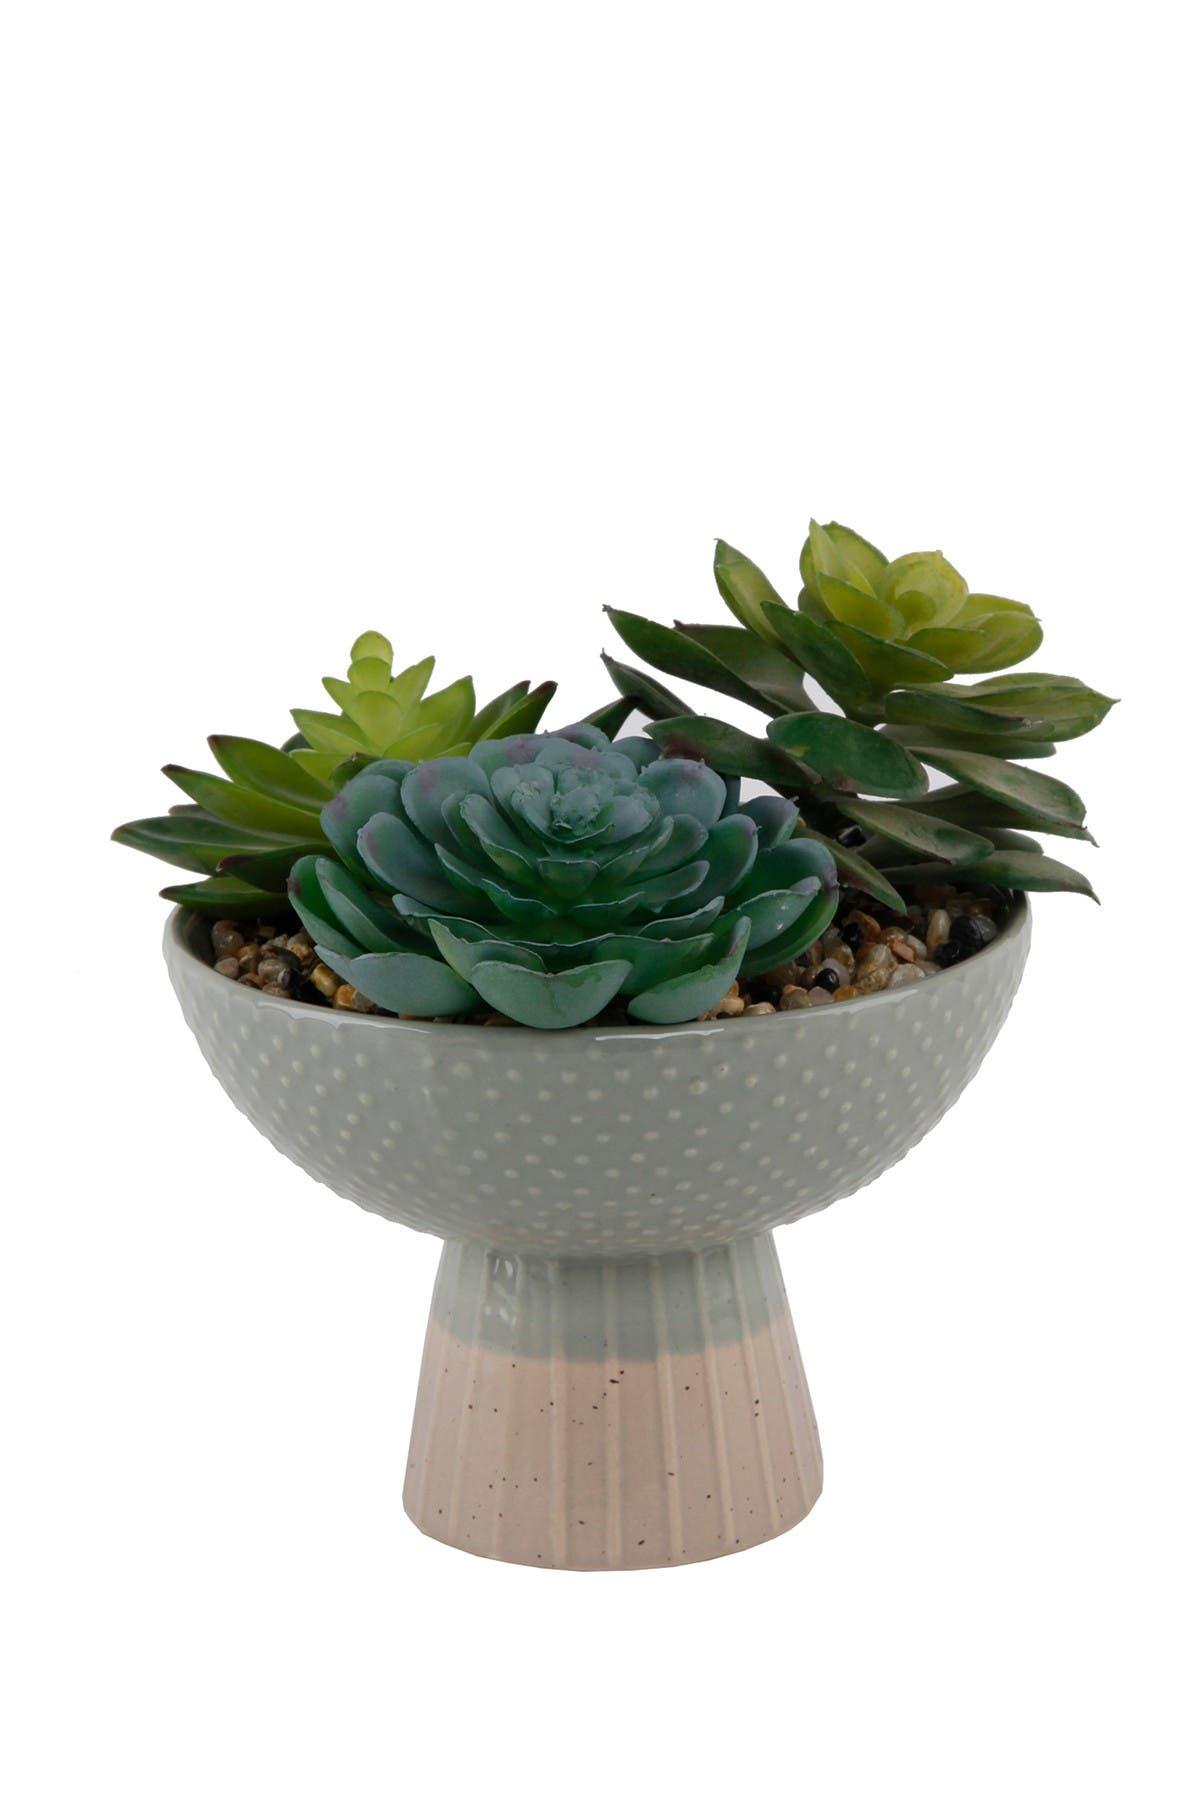 Image of FLORA BUNDA Grey/Beige Succulent Mix Ceramic Planter